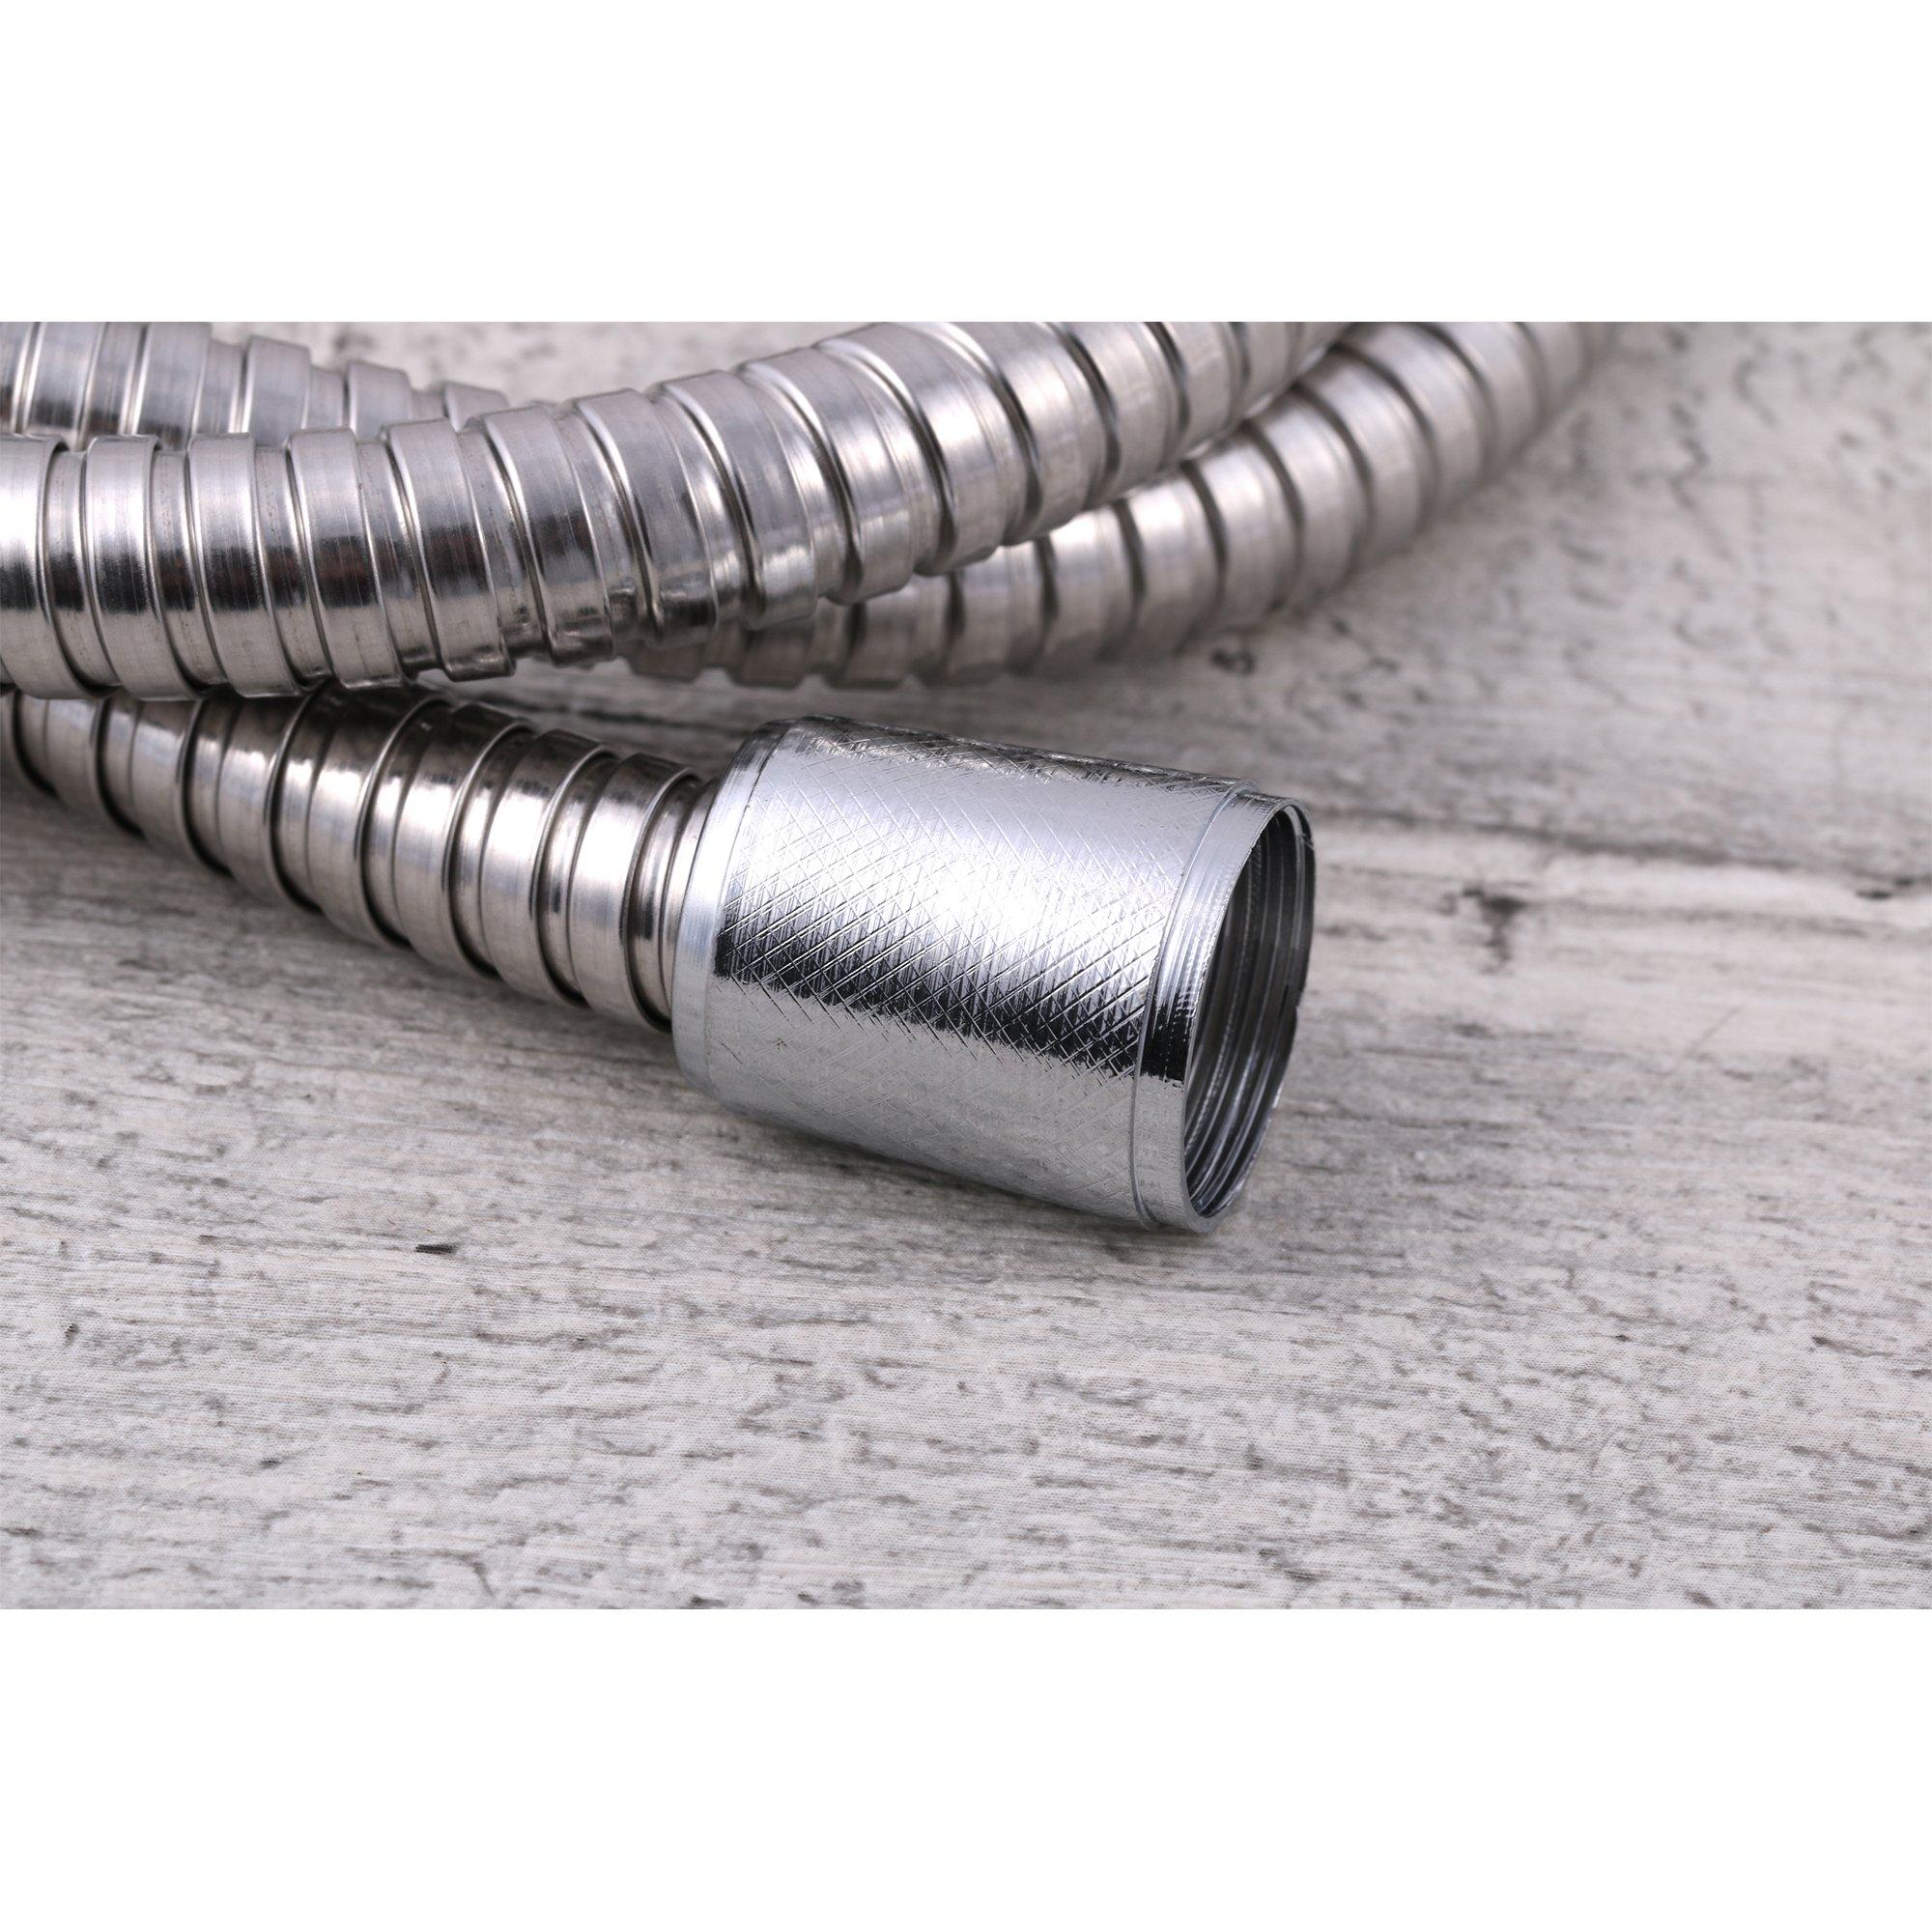 Wąż prysznicowy chromowany standardowy 120cm Kod produktu 5903002060773